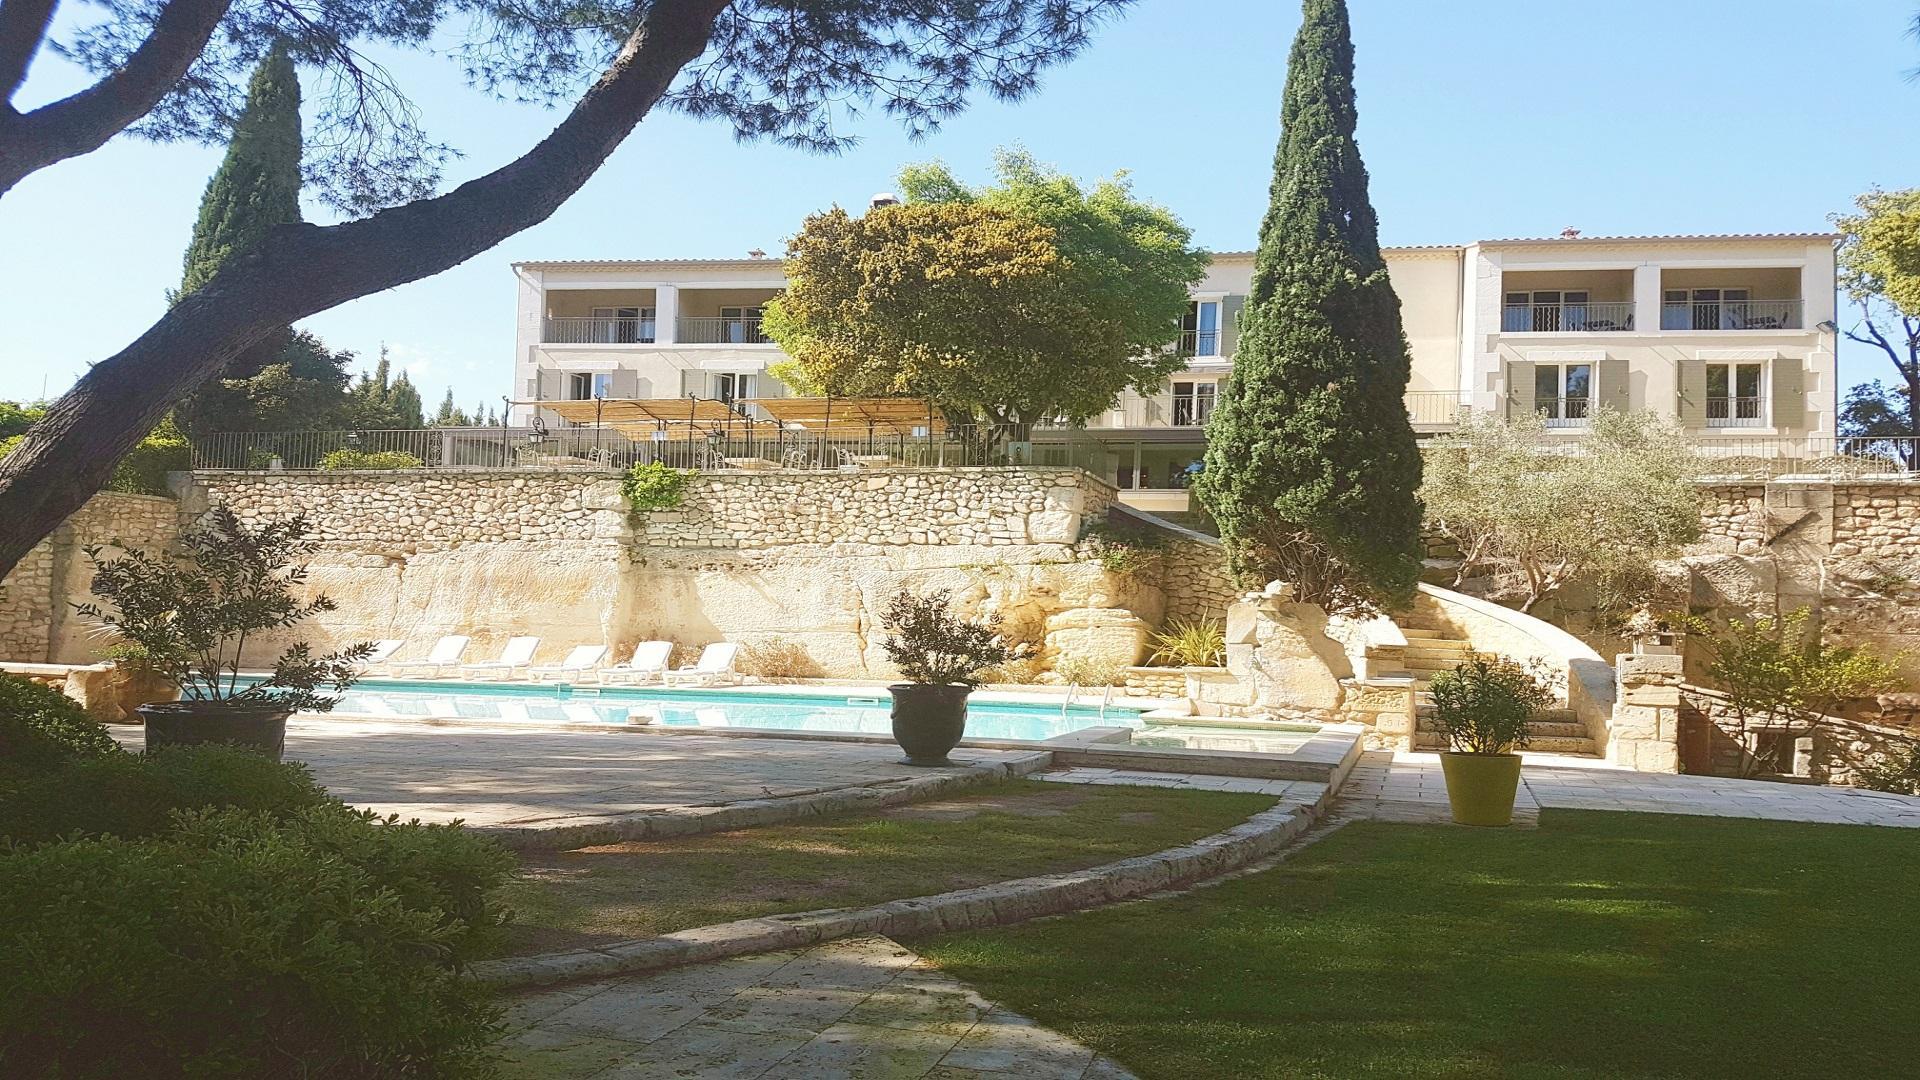 hotel-belesso-baux-de-provence-fontvieille-provence-seminaires-de-caractere